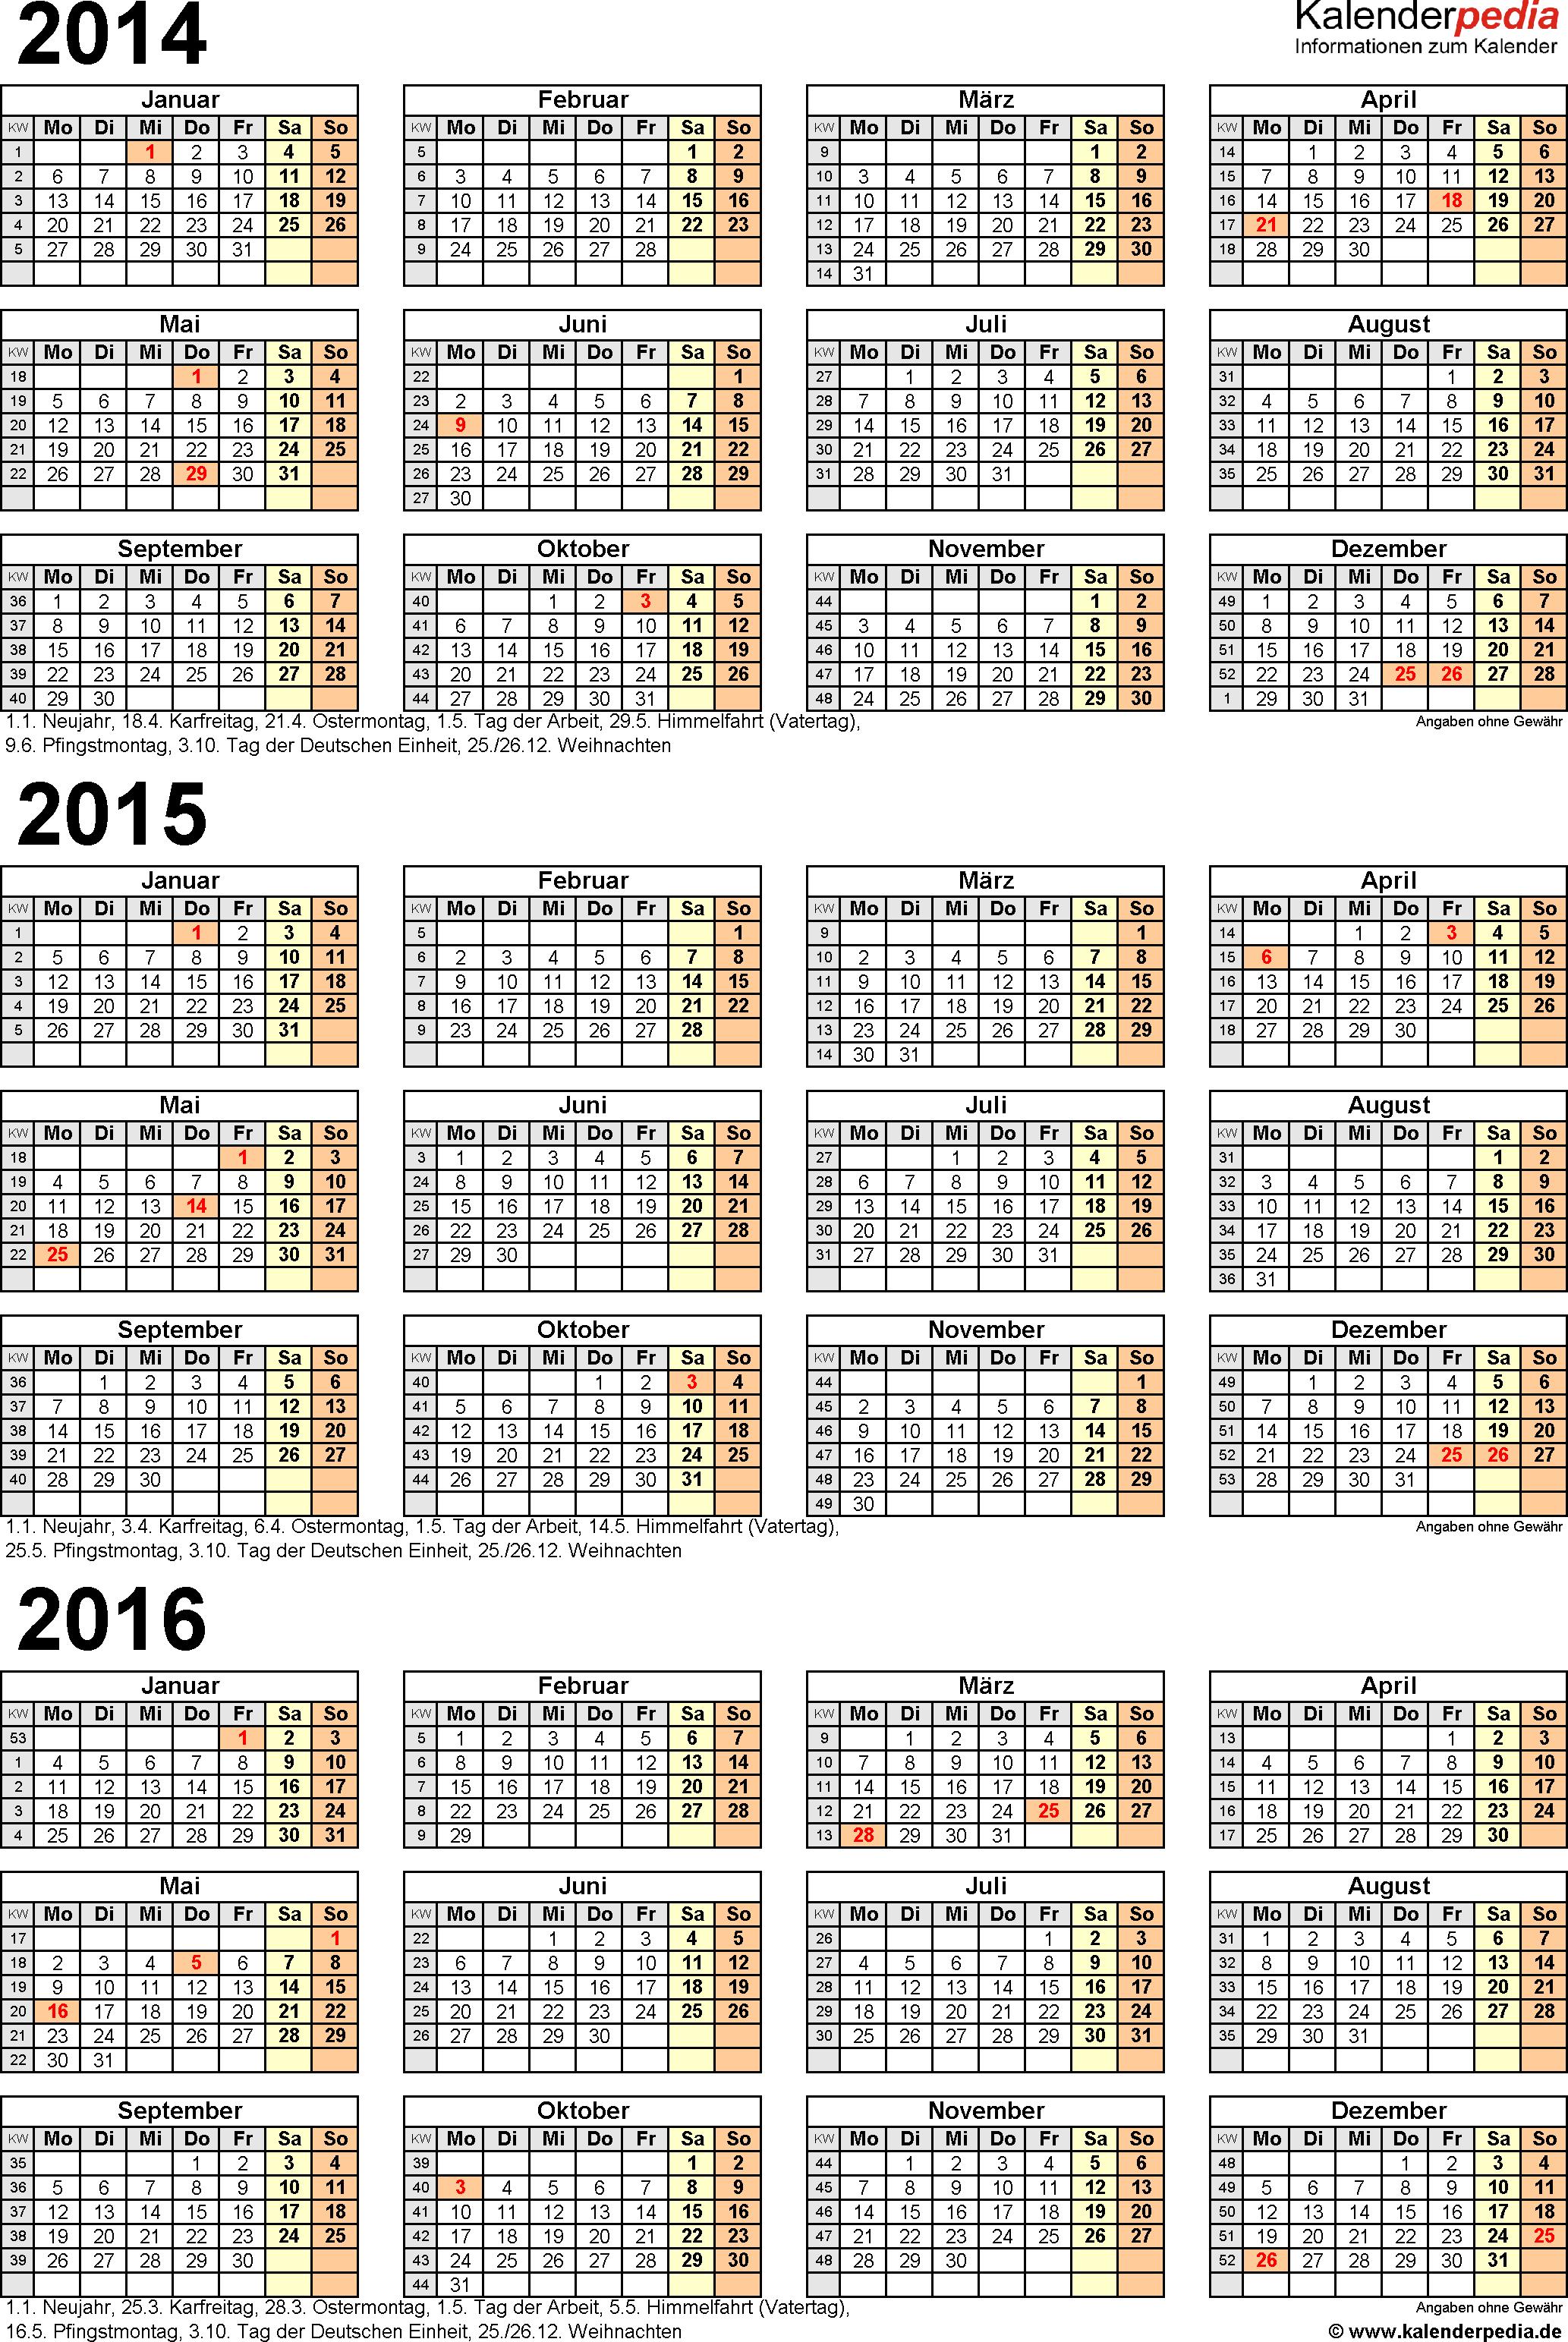 Excel-Vorlage für Dreijahreskalender 2014-2016 (Hochformat, 1 Seite)